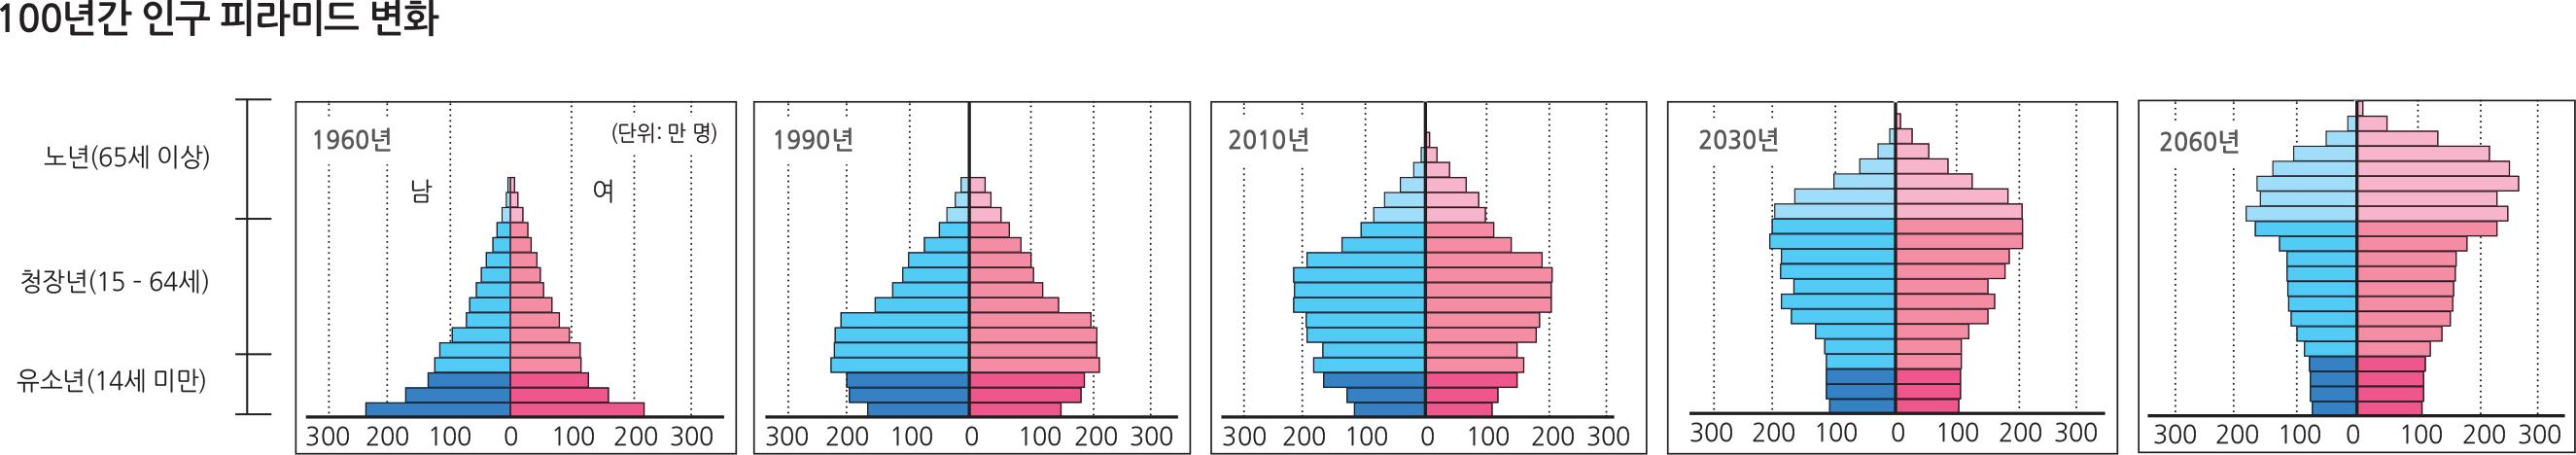 100년간 인구 피라미드 변화